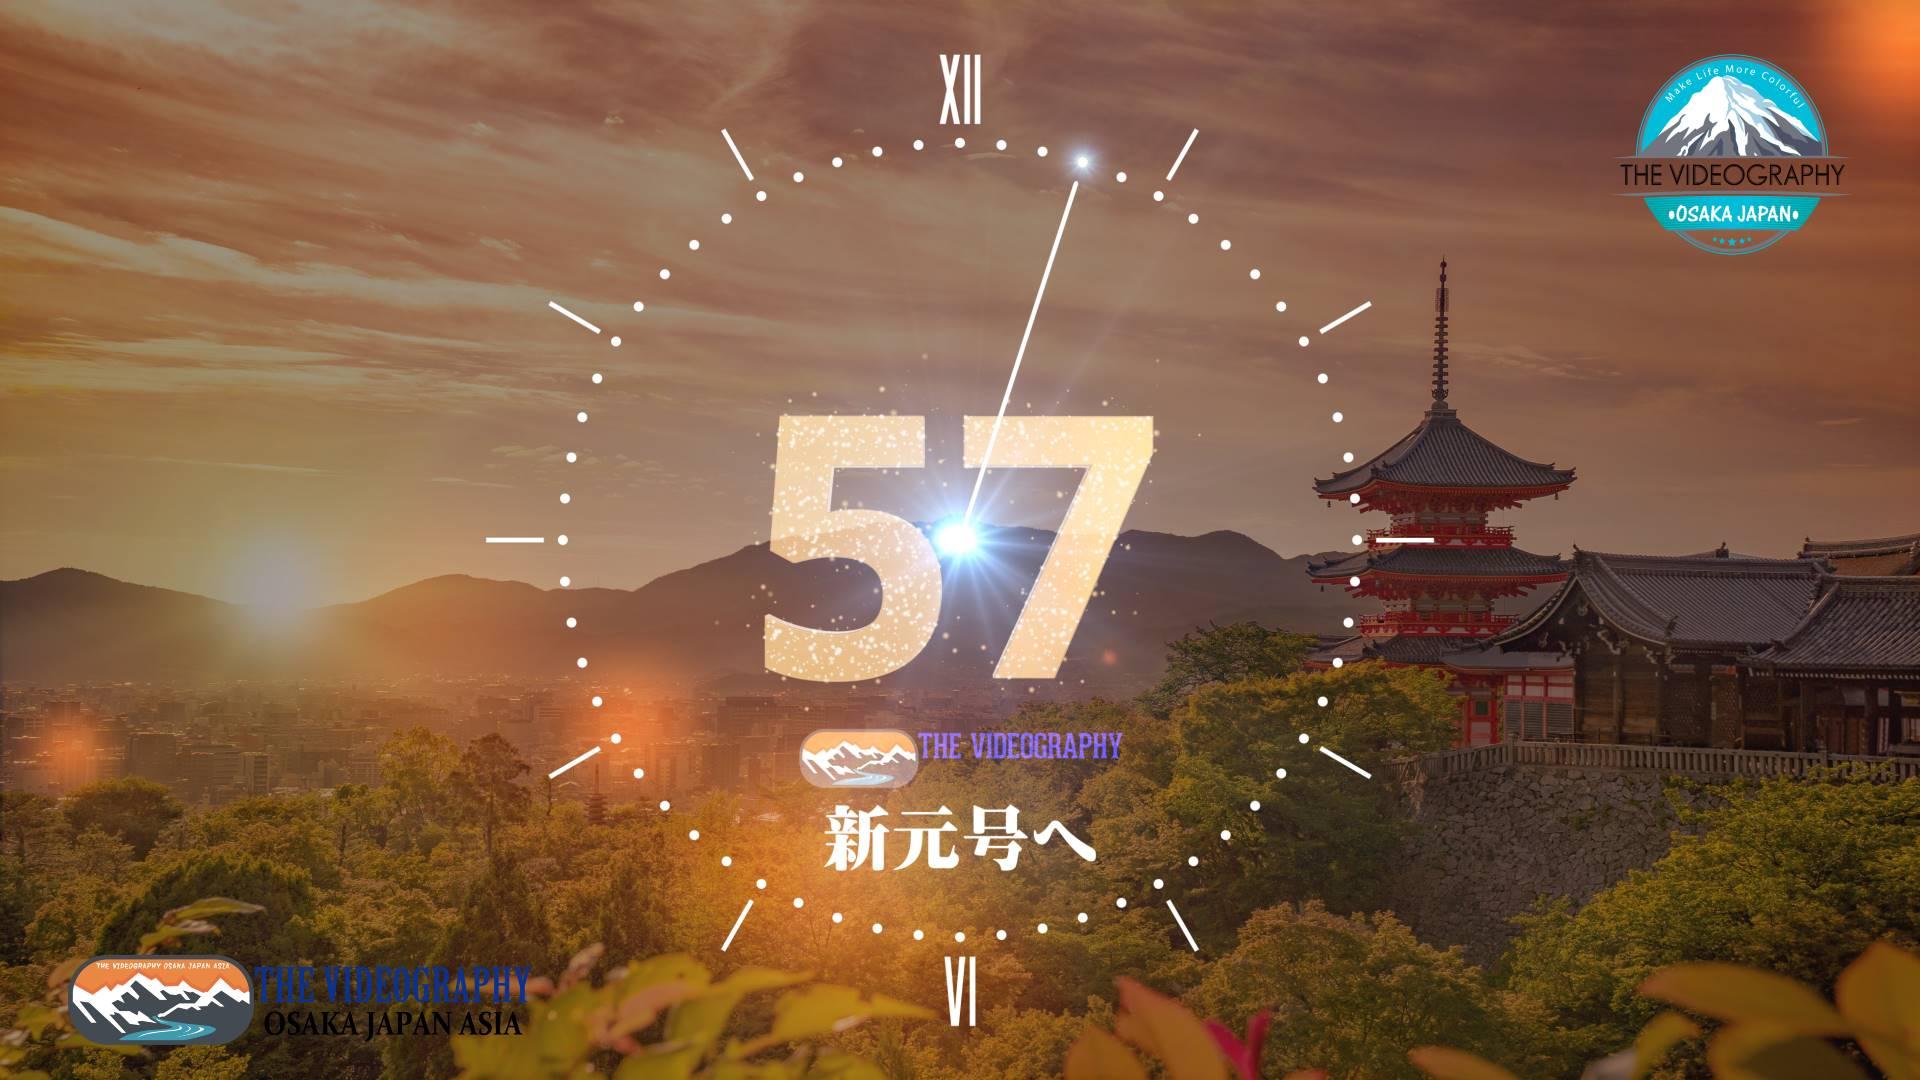 2019年5月1日 改元 新元号 「令和」